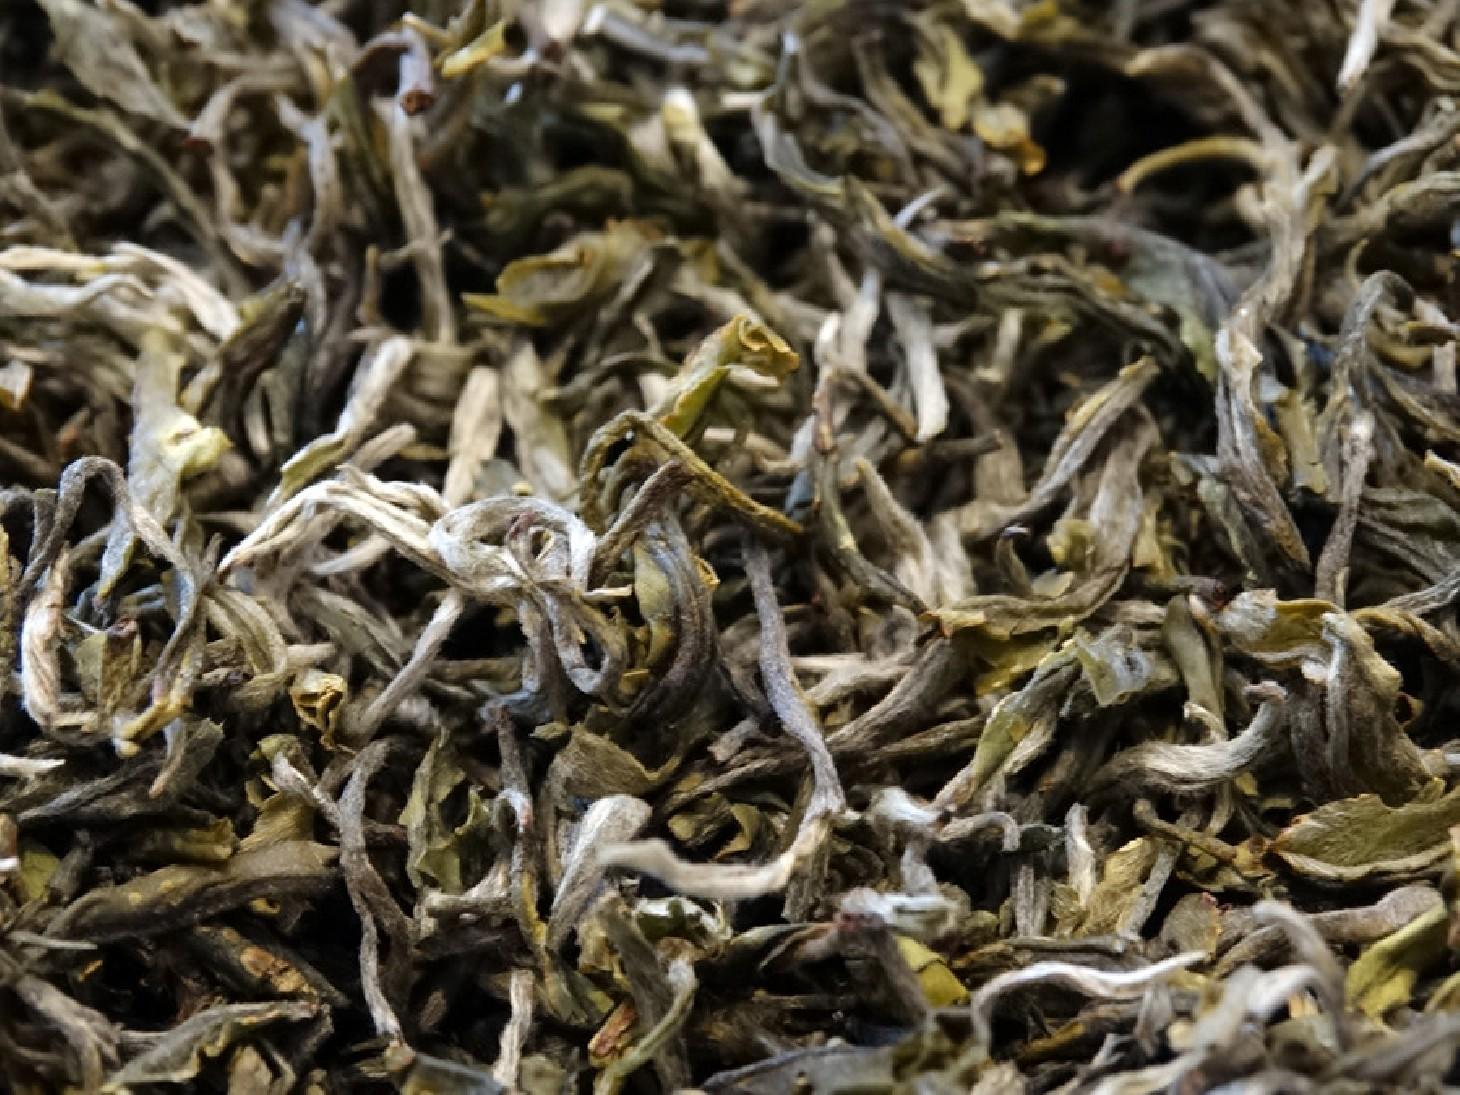 précieux et rare thé blanc du yunnan collection tea et cie maison de thé bretagne vannes